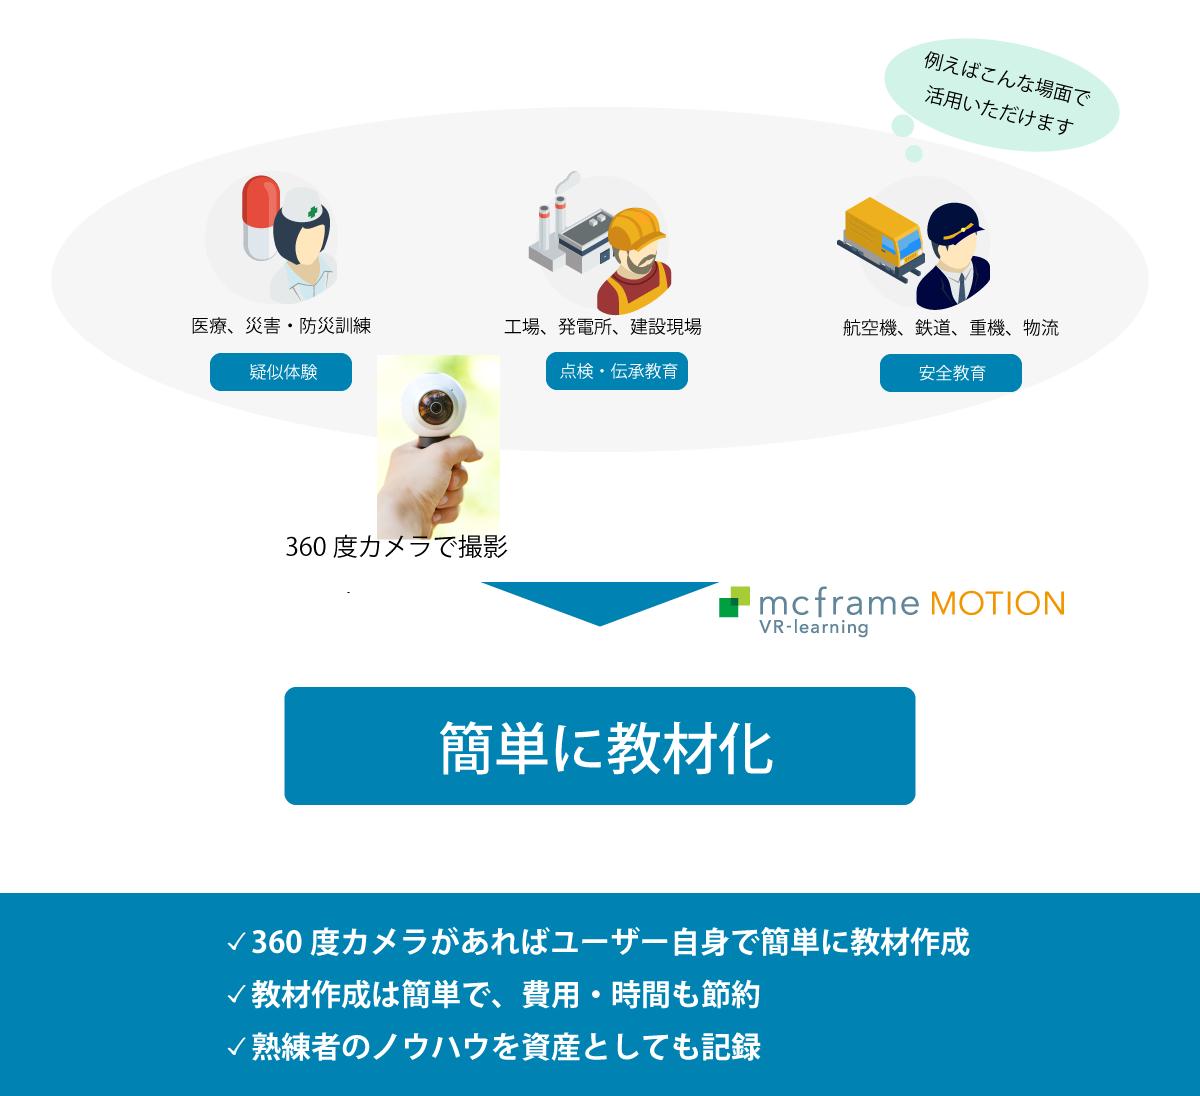 「mcframe MOTION VR-learning」とは